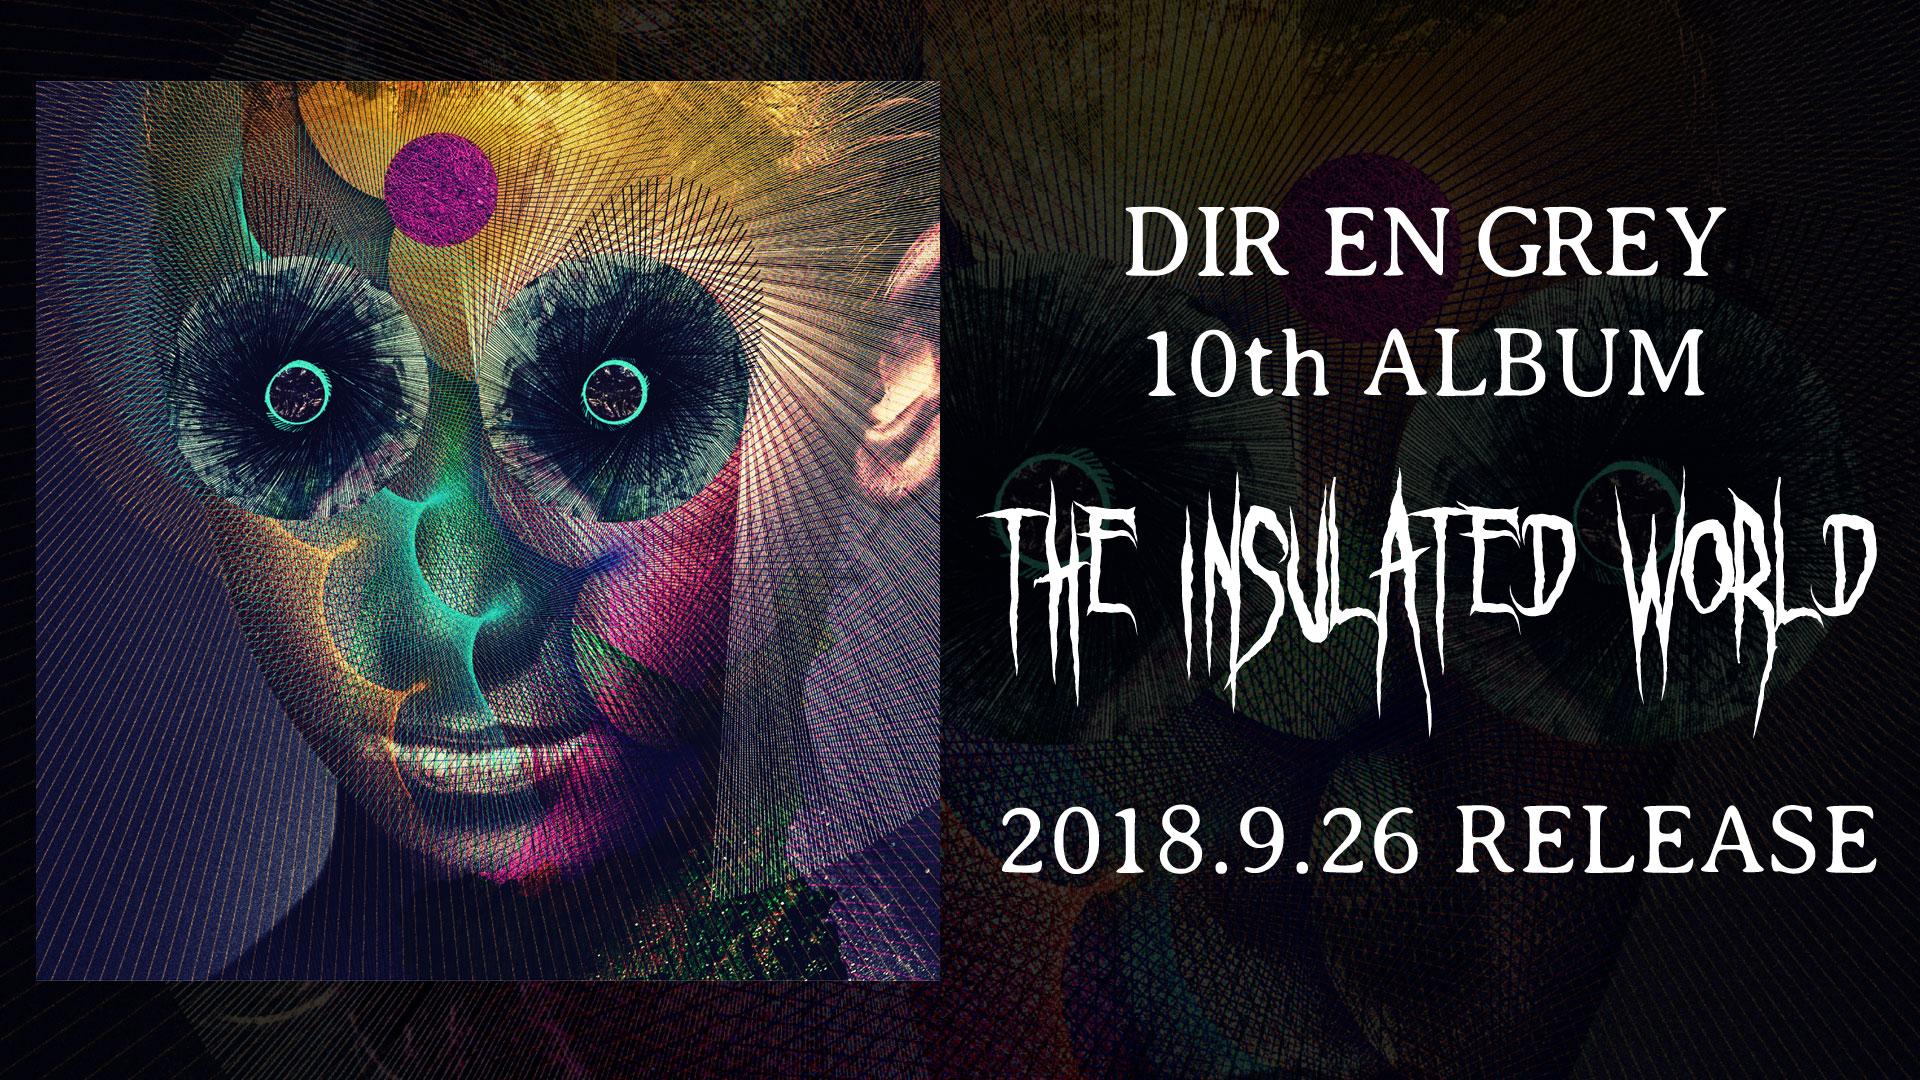 Dir En Grey 10th Album The Insulated World 特設サイト